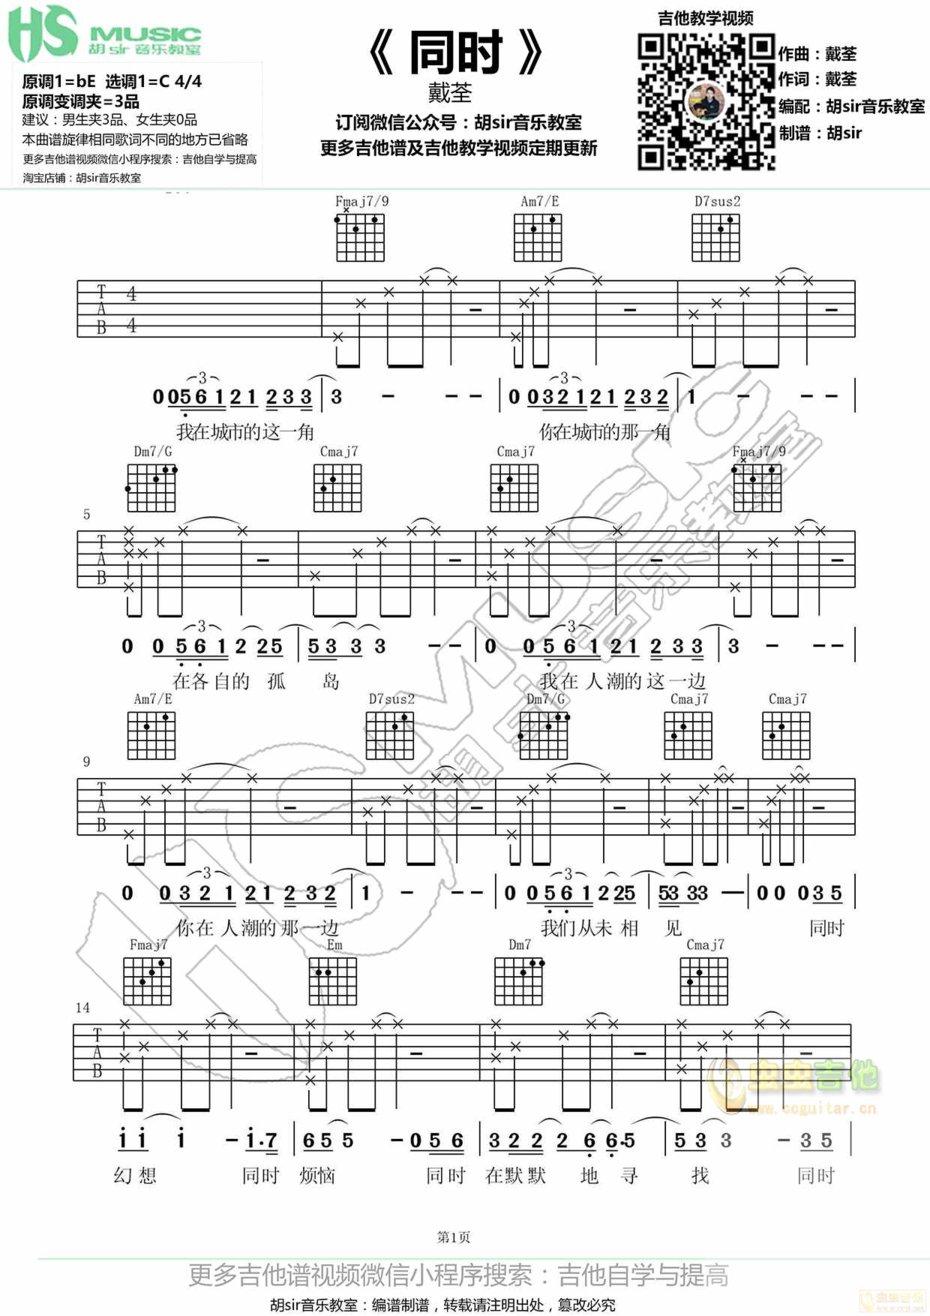 同時-戴荃-图片吉他谱-1